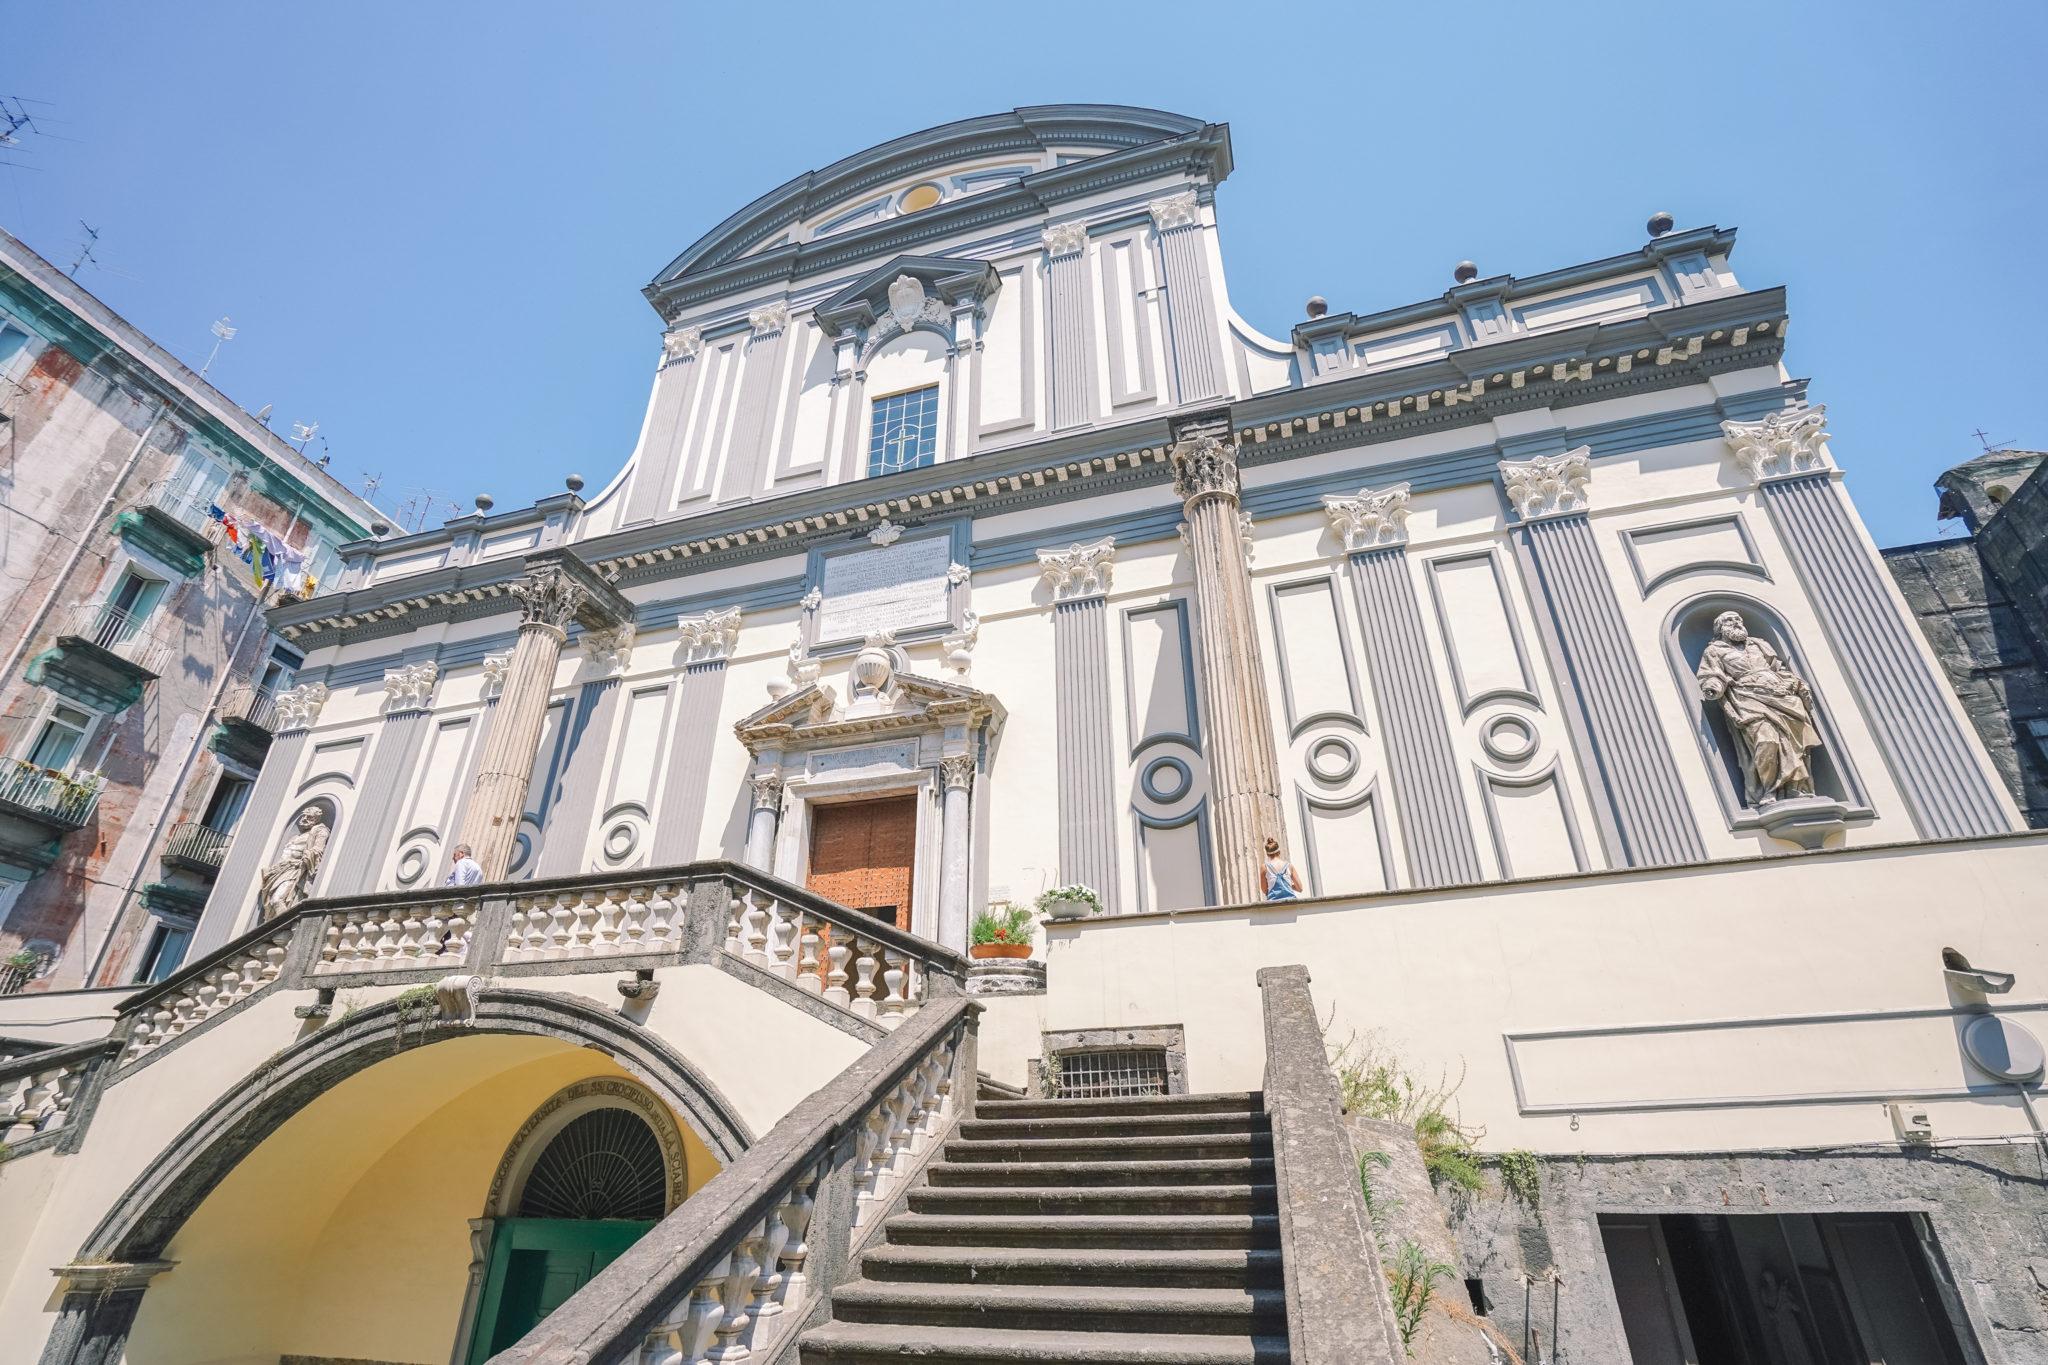 naples-visiter-city-guide-san-paolo-maggiore-basilique